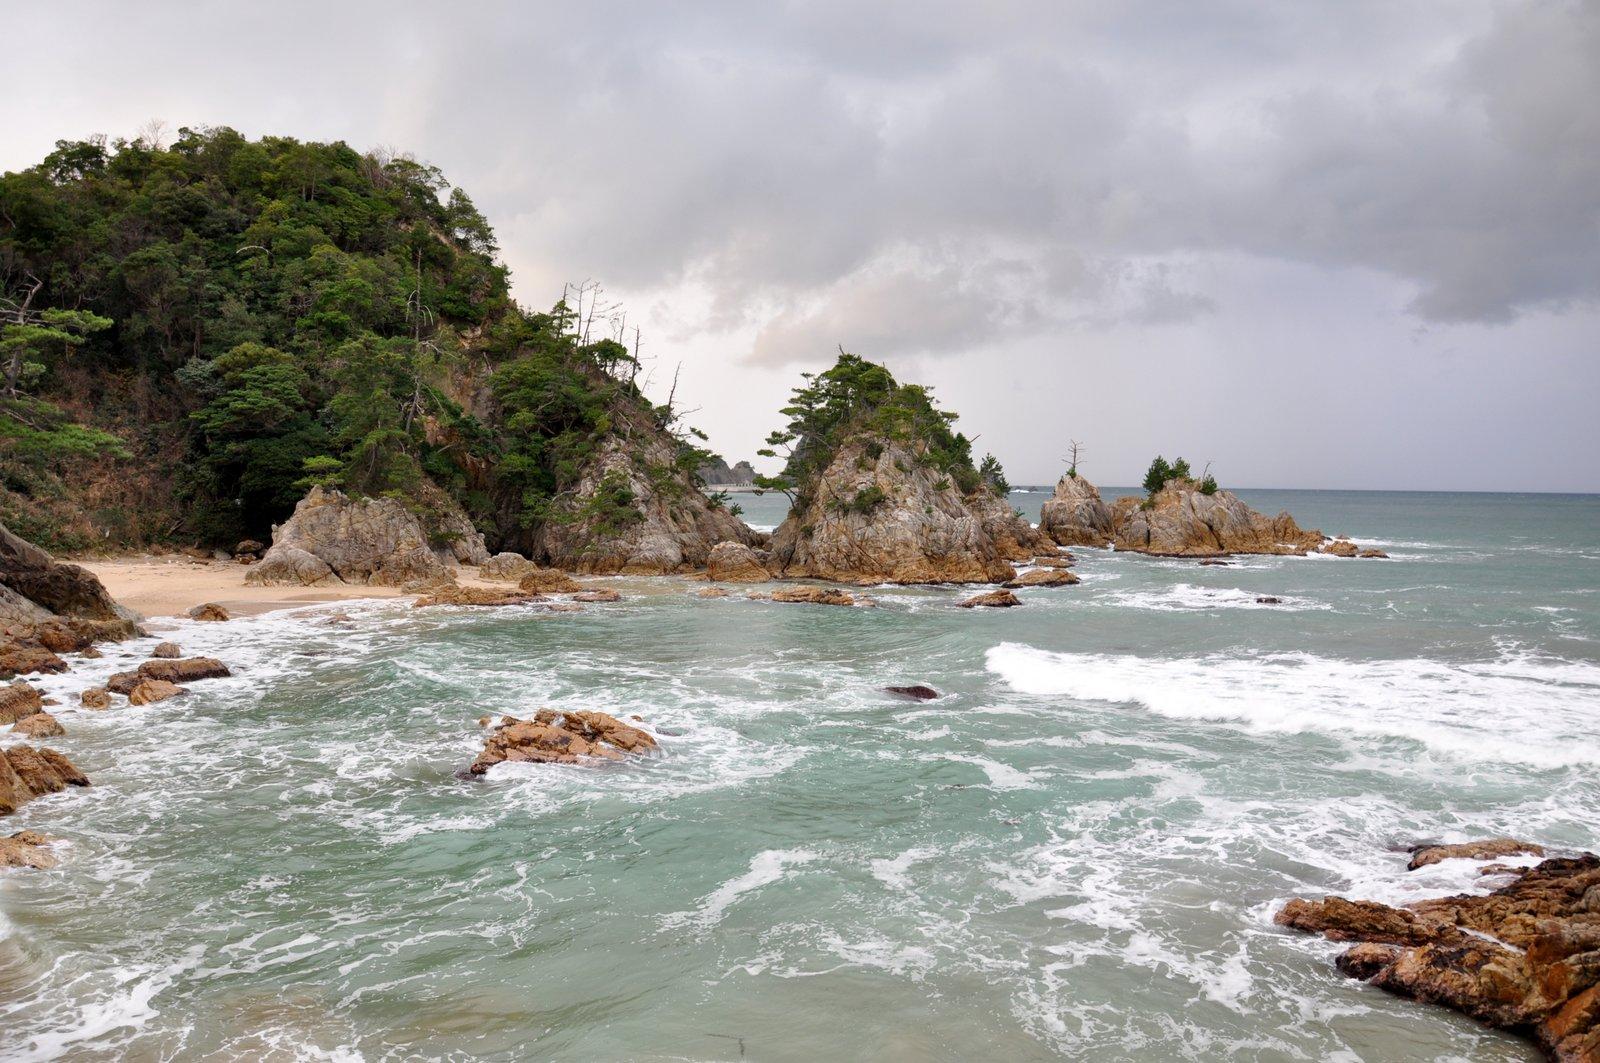 Plage et rochers sur la côte d'Uradome à Tottori